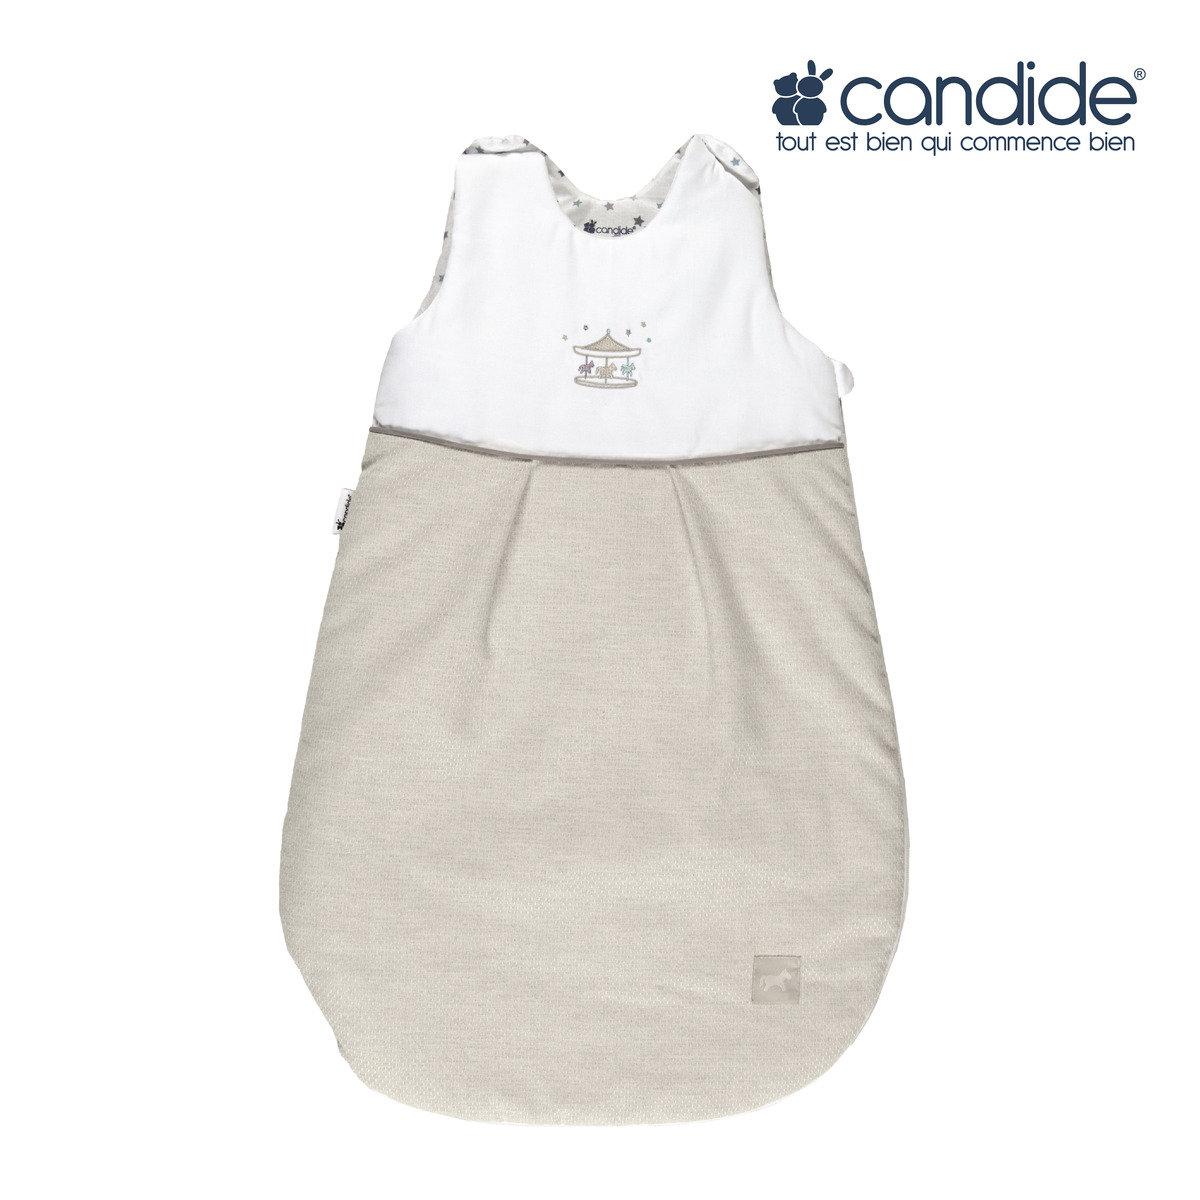 嬰兒睡袋(厚, 0-6個月)